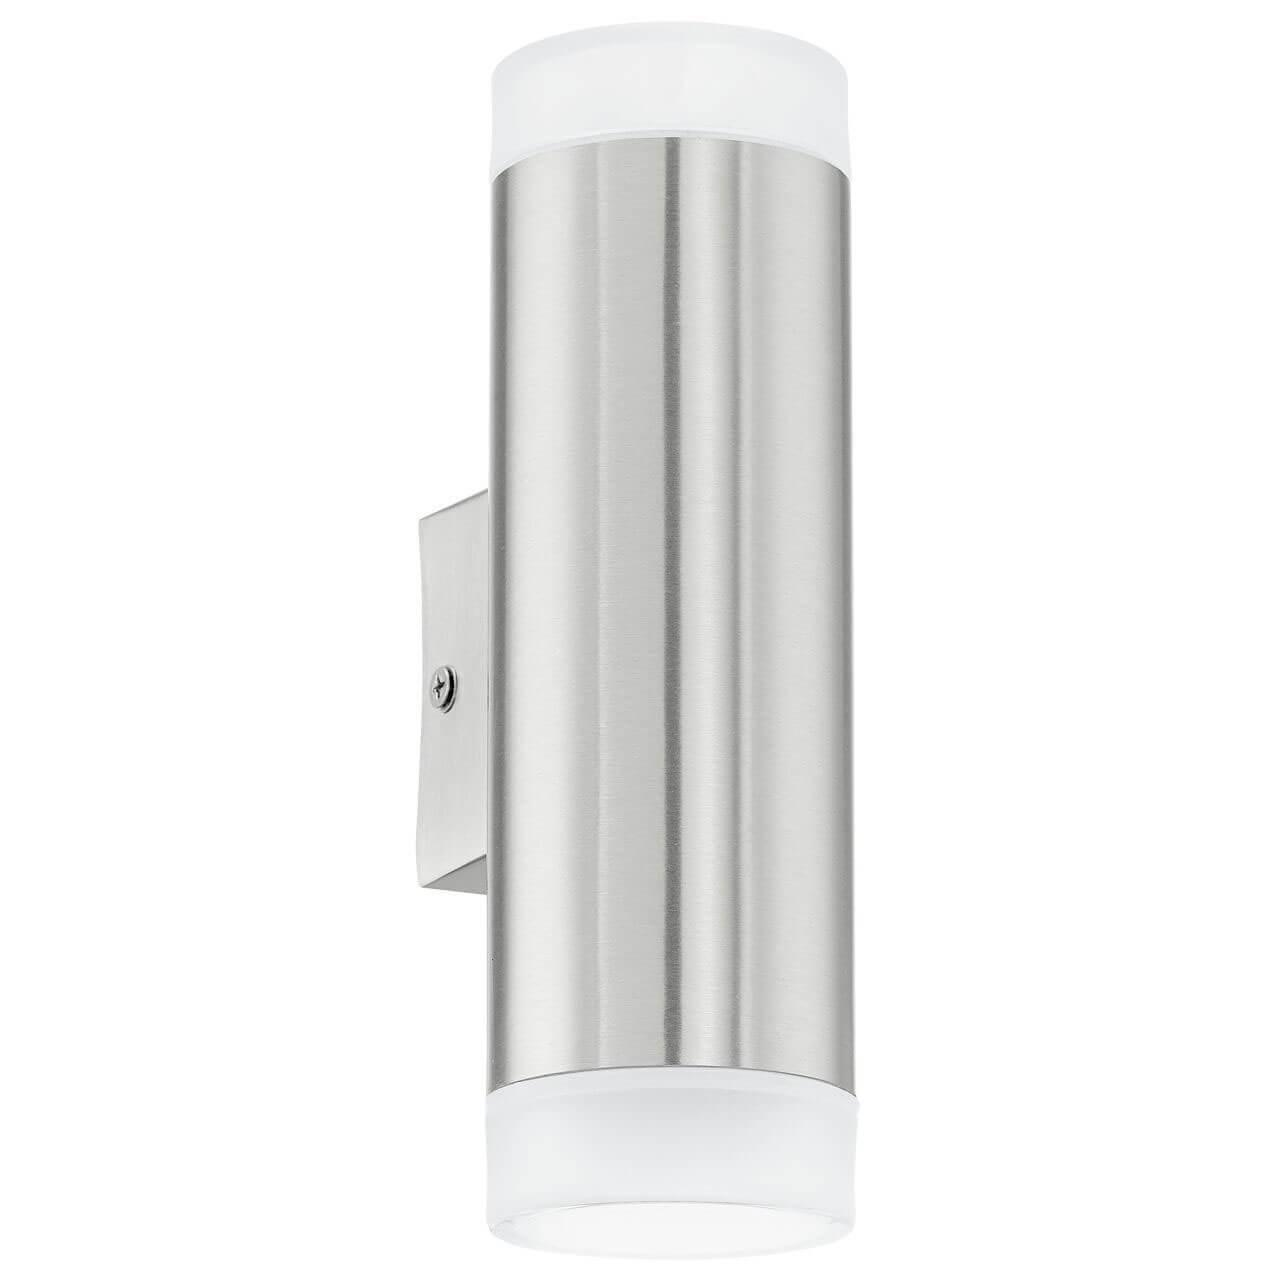 Уличный светильник Eglo 92736, GU10 все цены